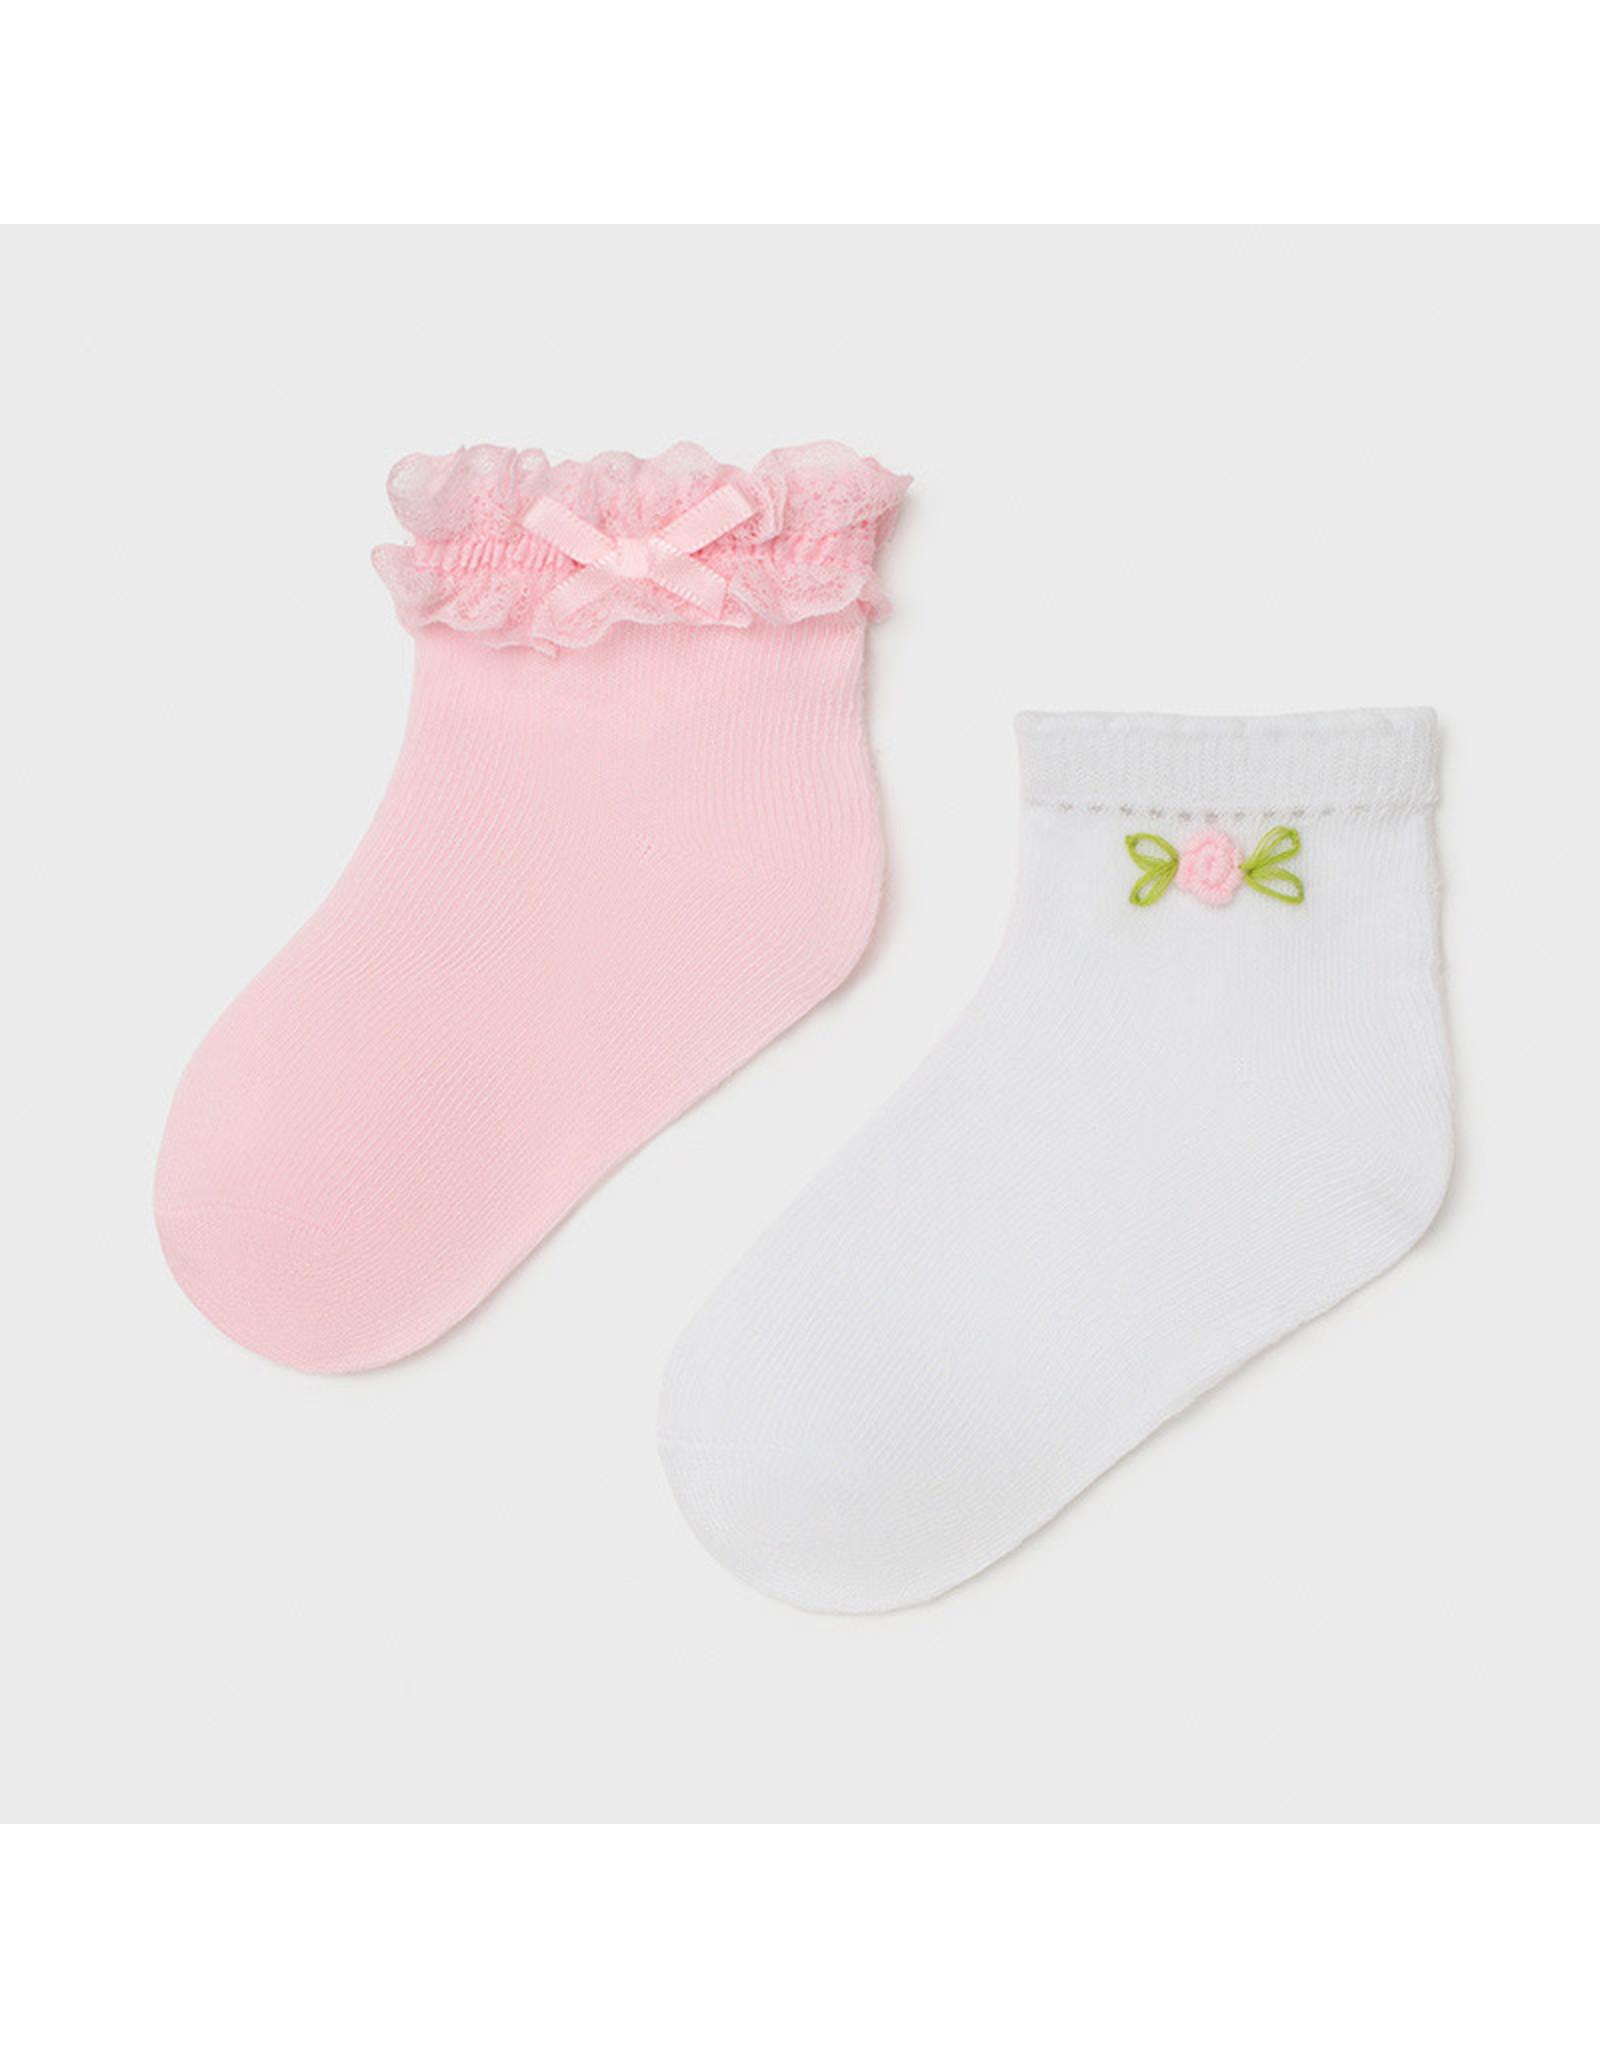 Mayoral 2 Socks Set - Rose